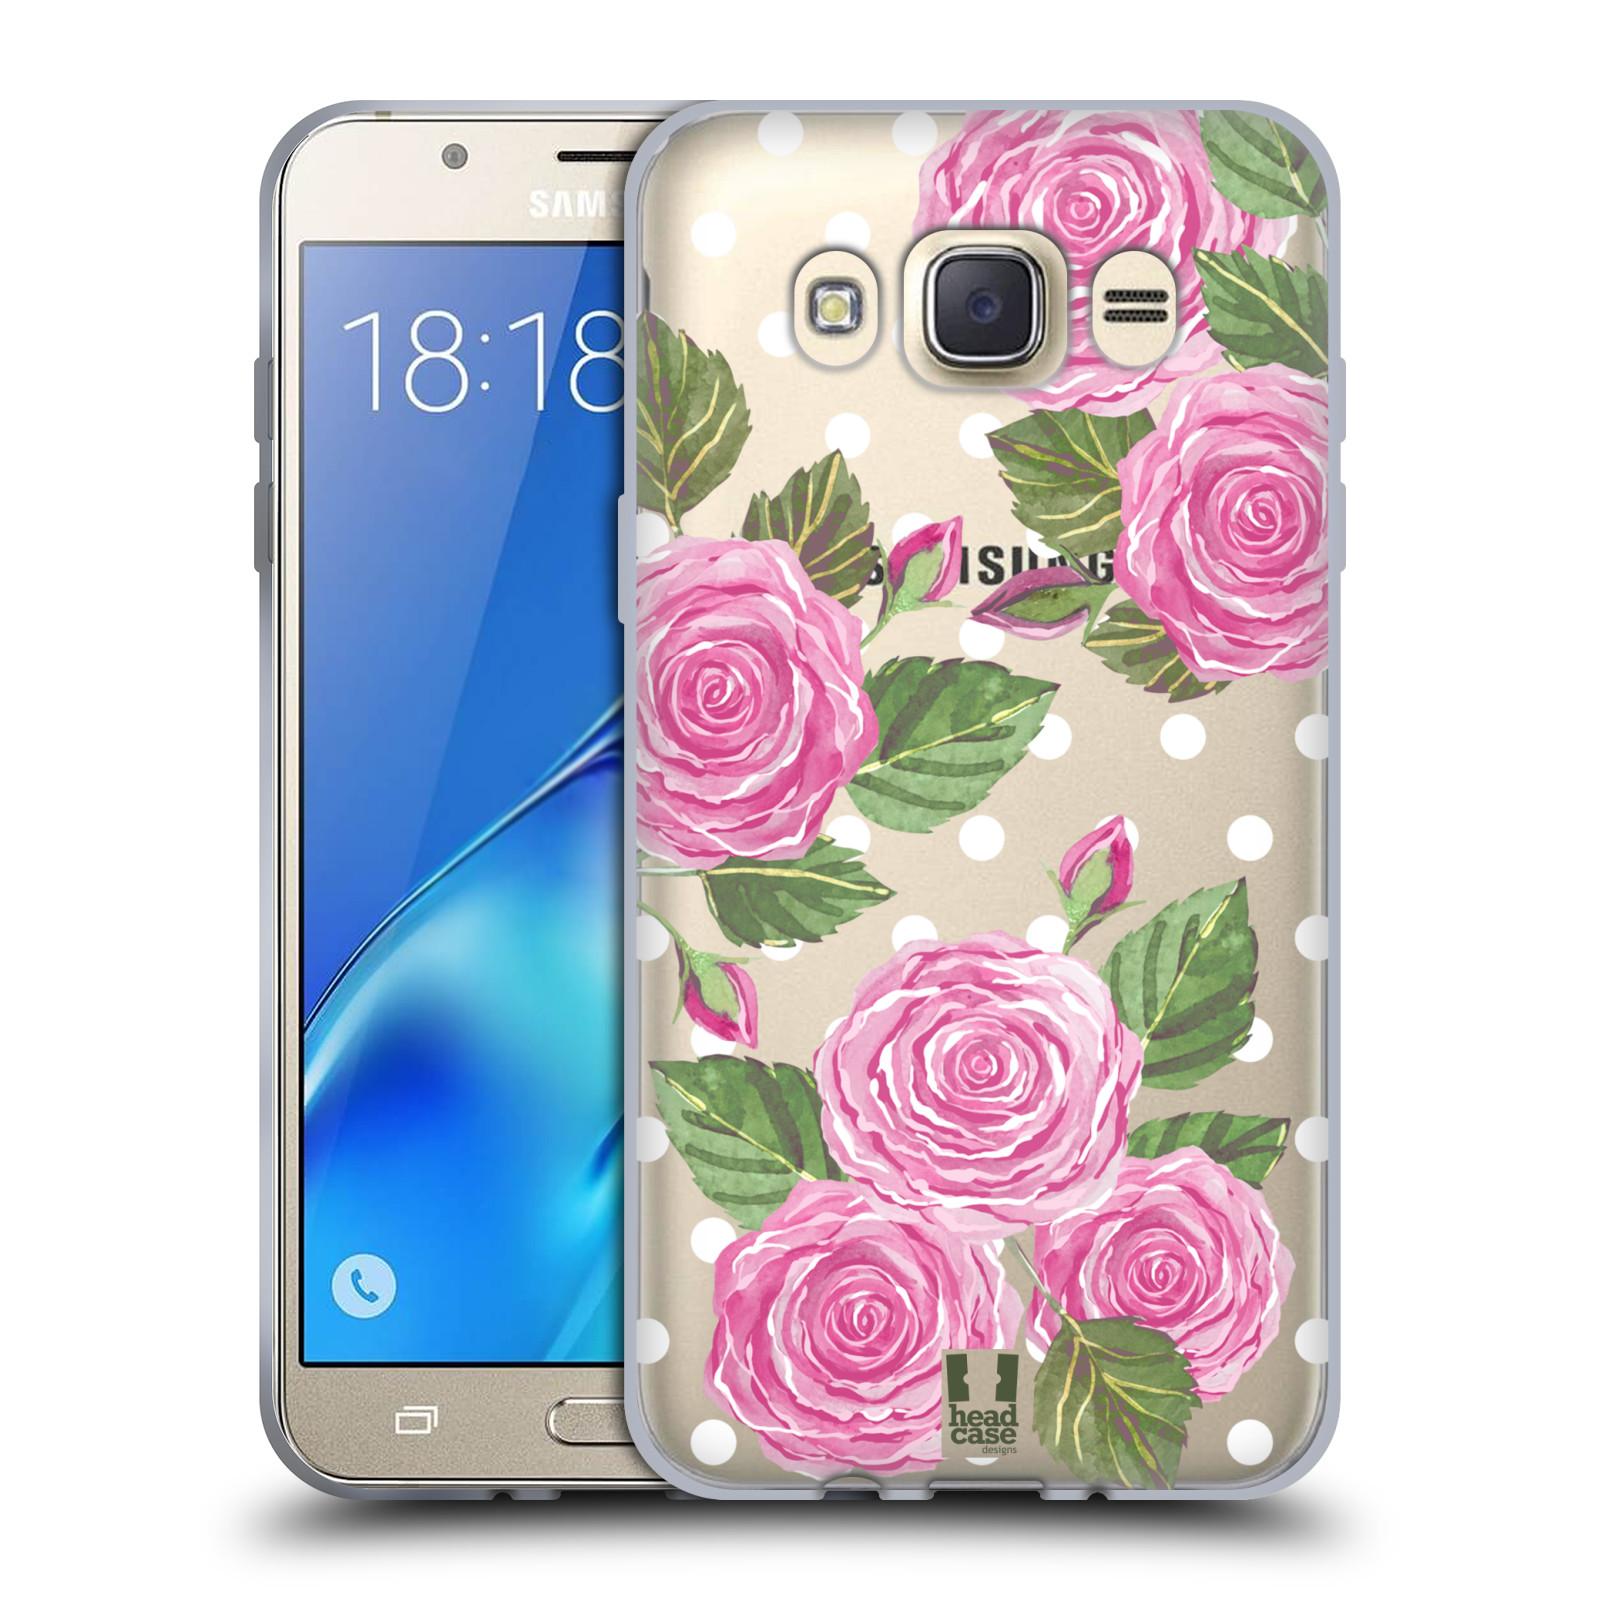 Silikonové pouzdro na mobil Samsung Galaxy J7 (2016) - Head Case - Hezoučké růžičky - průhledné